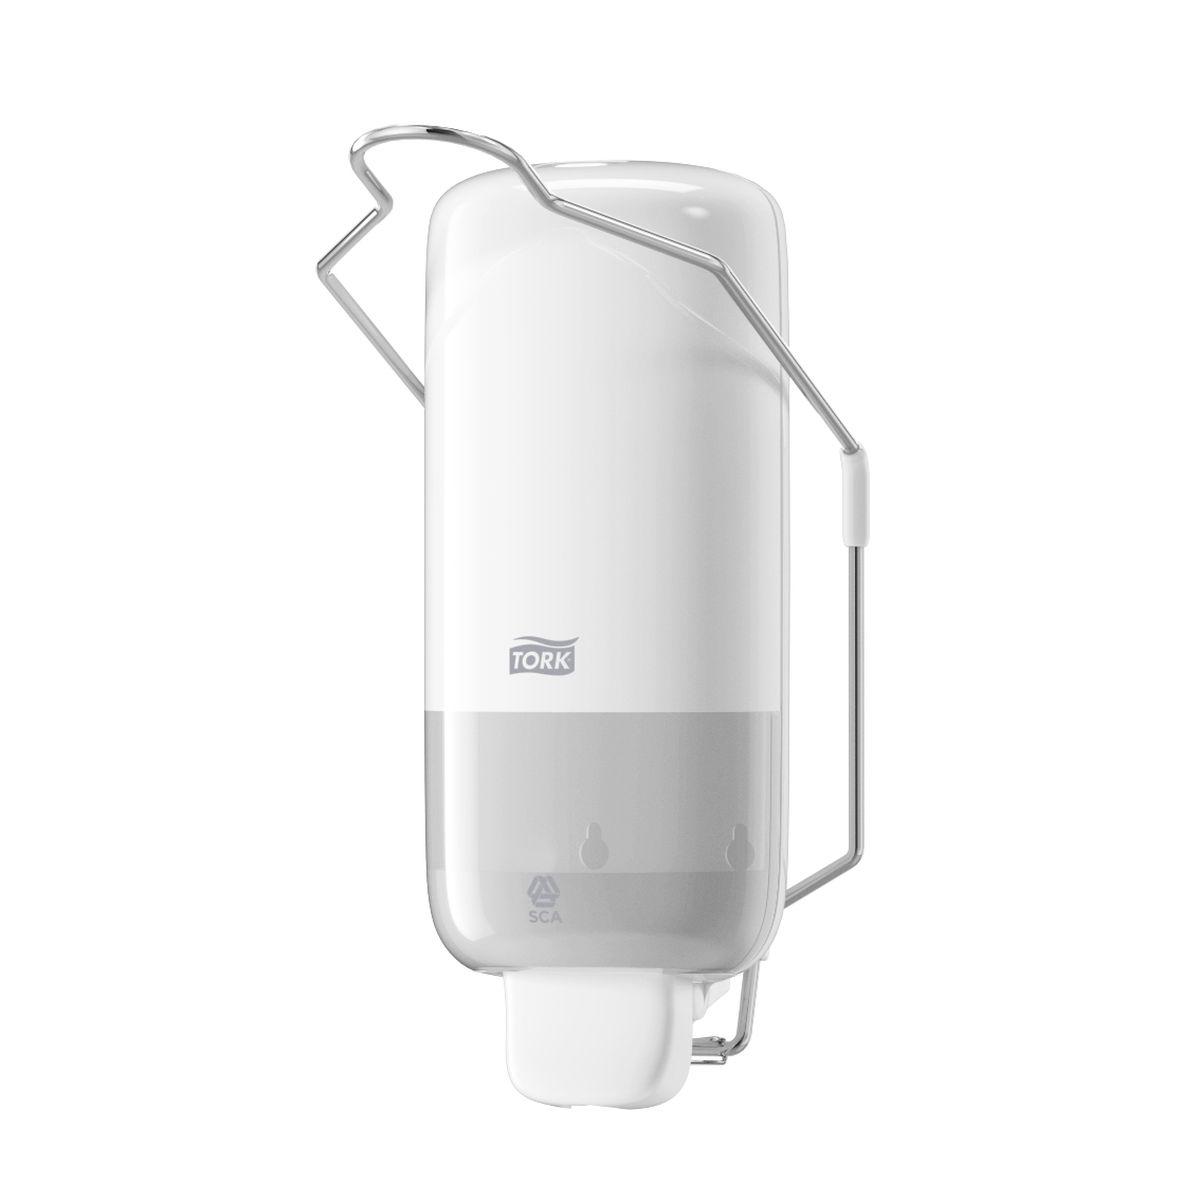 Диспенсер для мыла Tork, цвет: белый. 56010012723Диспенсер с локтевым приводом для мыла Tork Elevation идеально подходит для мест с повышенными гигиеническими требованиями, например, медицинских центров, больниц, лабораторий и пр.Локтевой привод - для помещений с повышенными гигиеническими требованиями.Надежная система подачи мыла - экономичный расход, исключает протекание.Ударопрочный пластик - отвечает всем требованиям гигиены.1000 порций мыла.